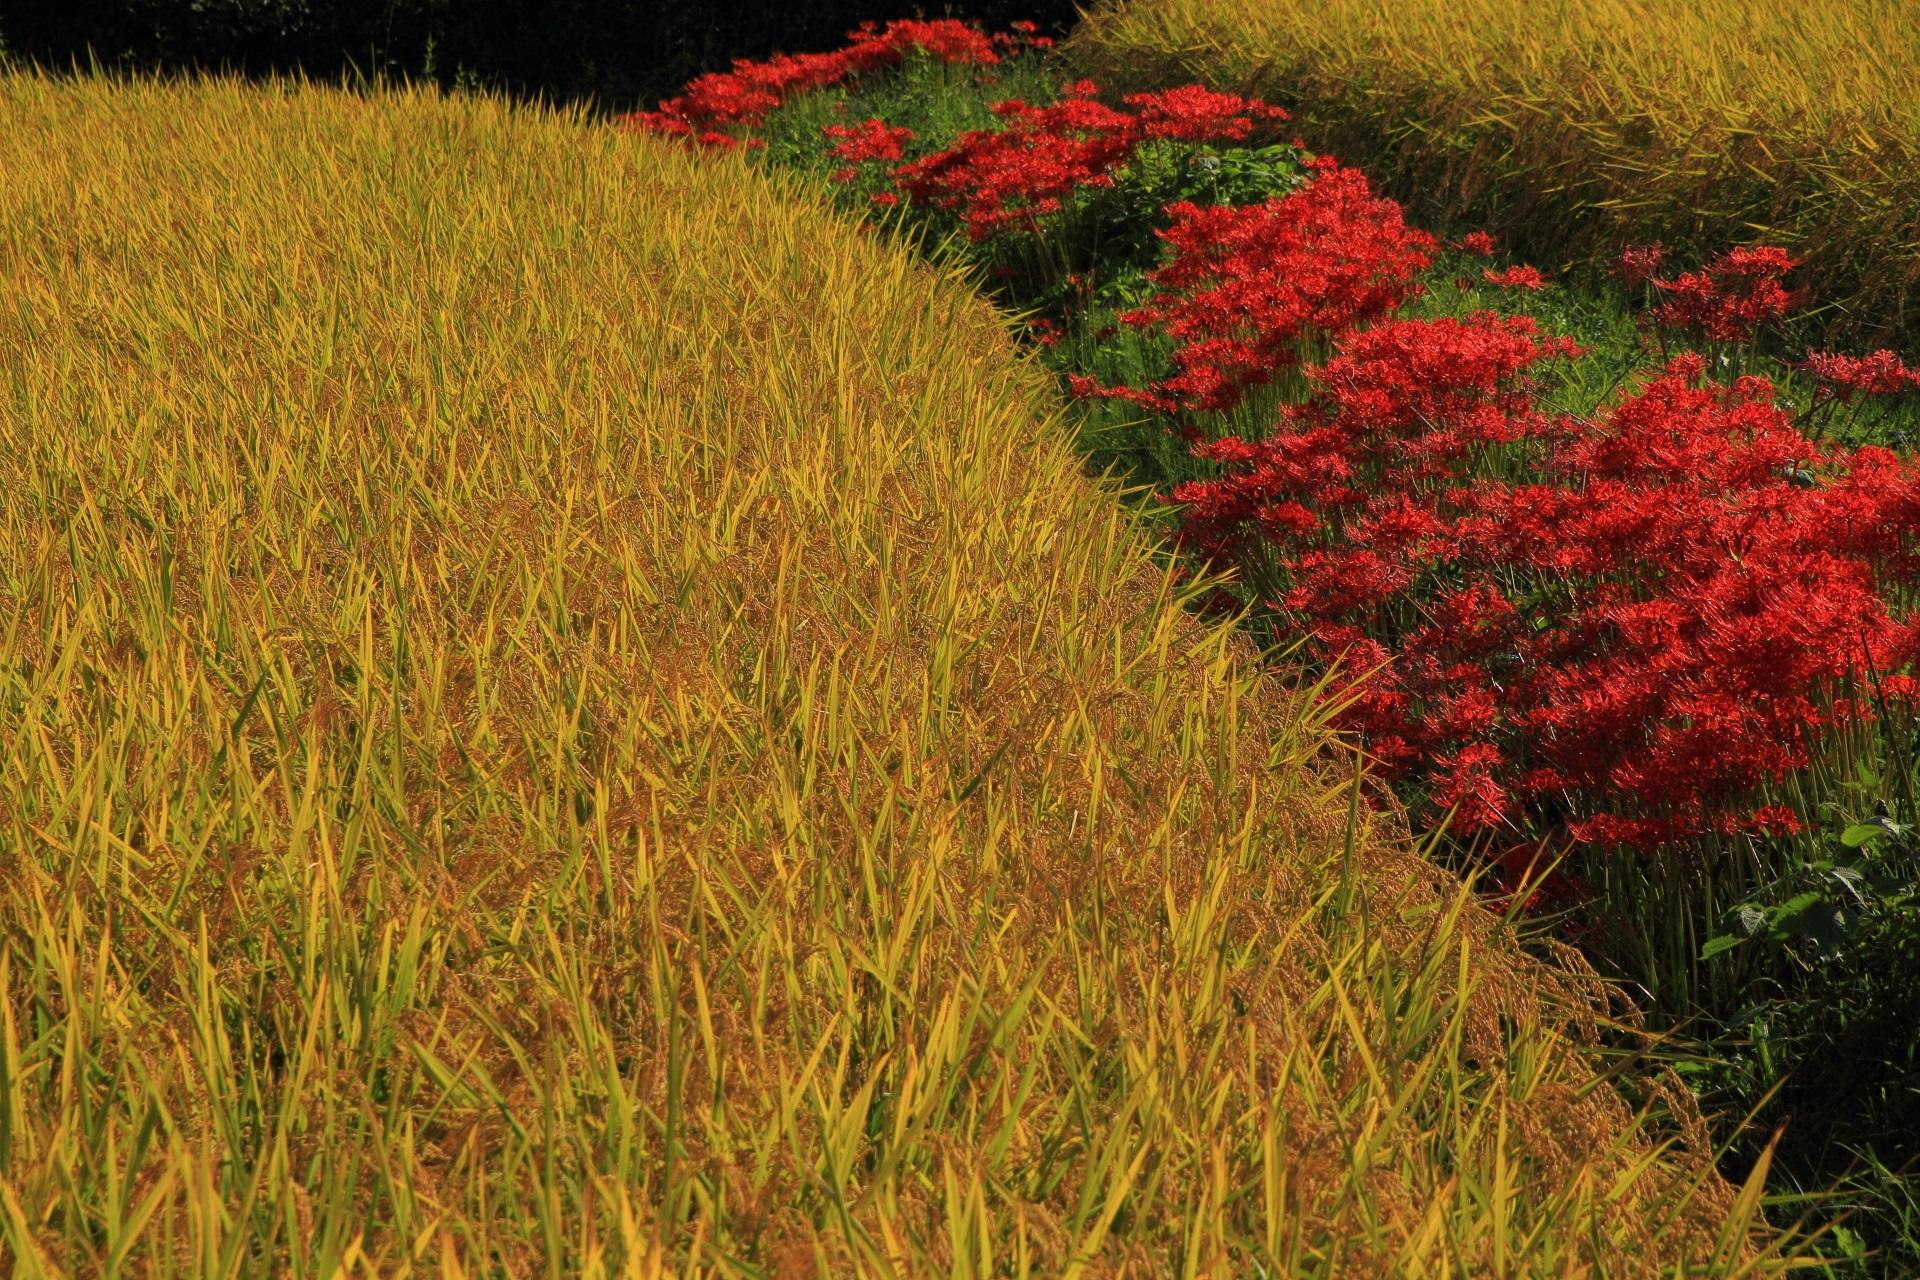 綺麗な錦の田んぼと赤い彼岸花